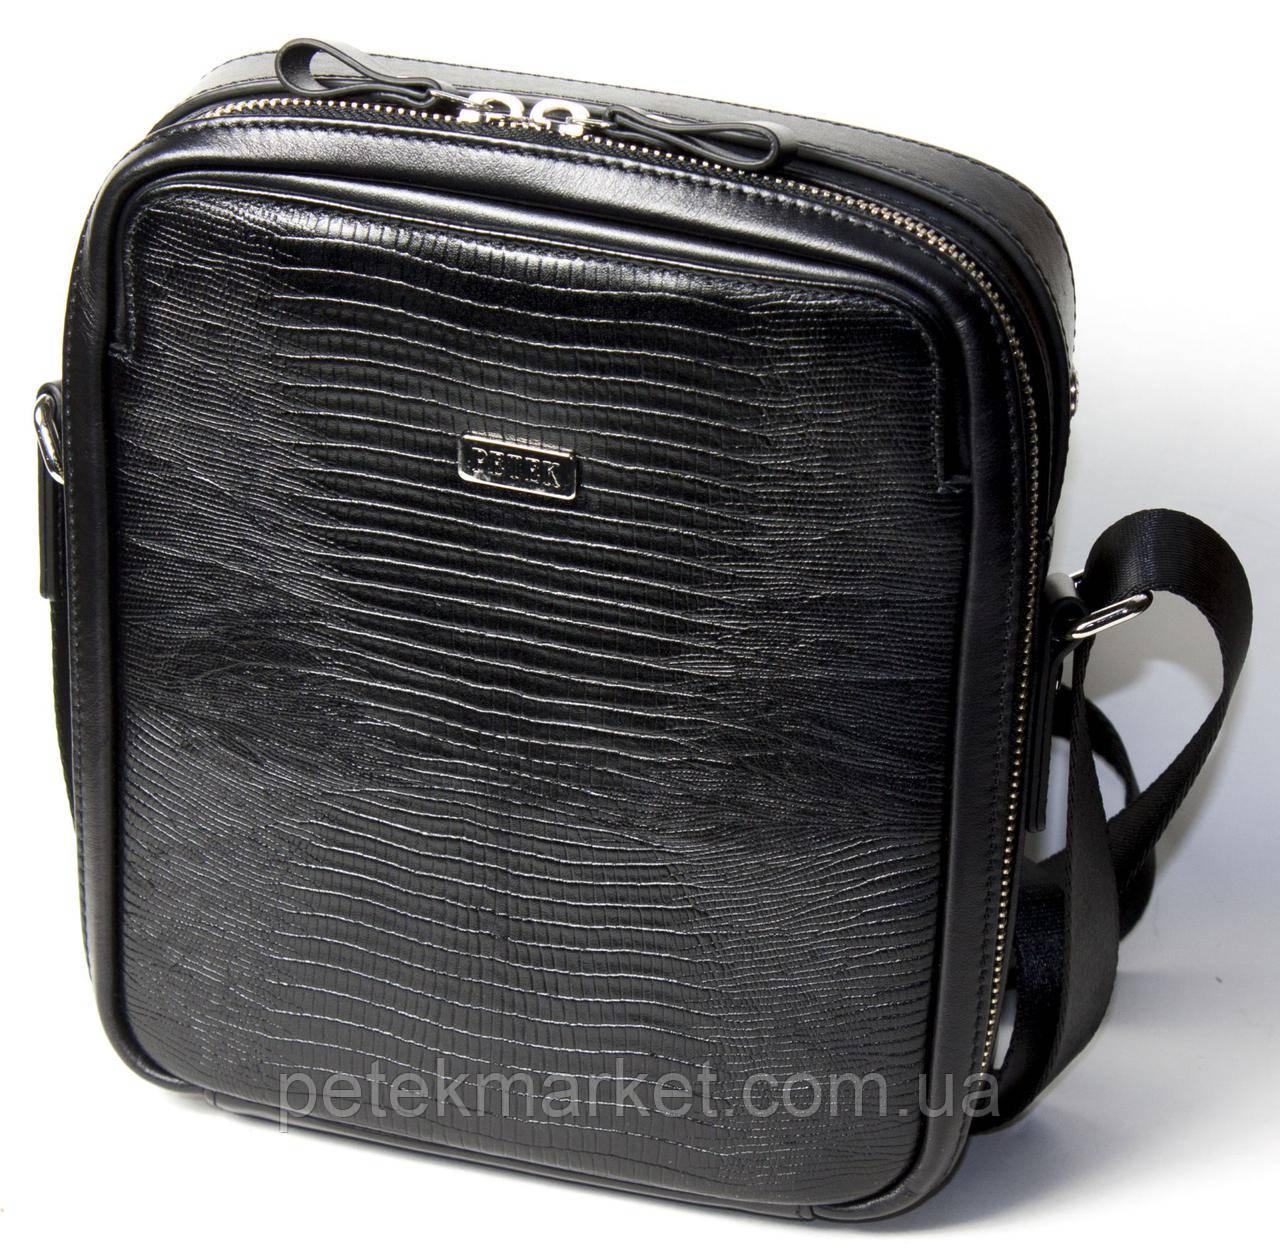 Сумка мужская PETEK 3871 Черный (3871-041-01)